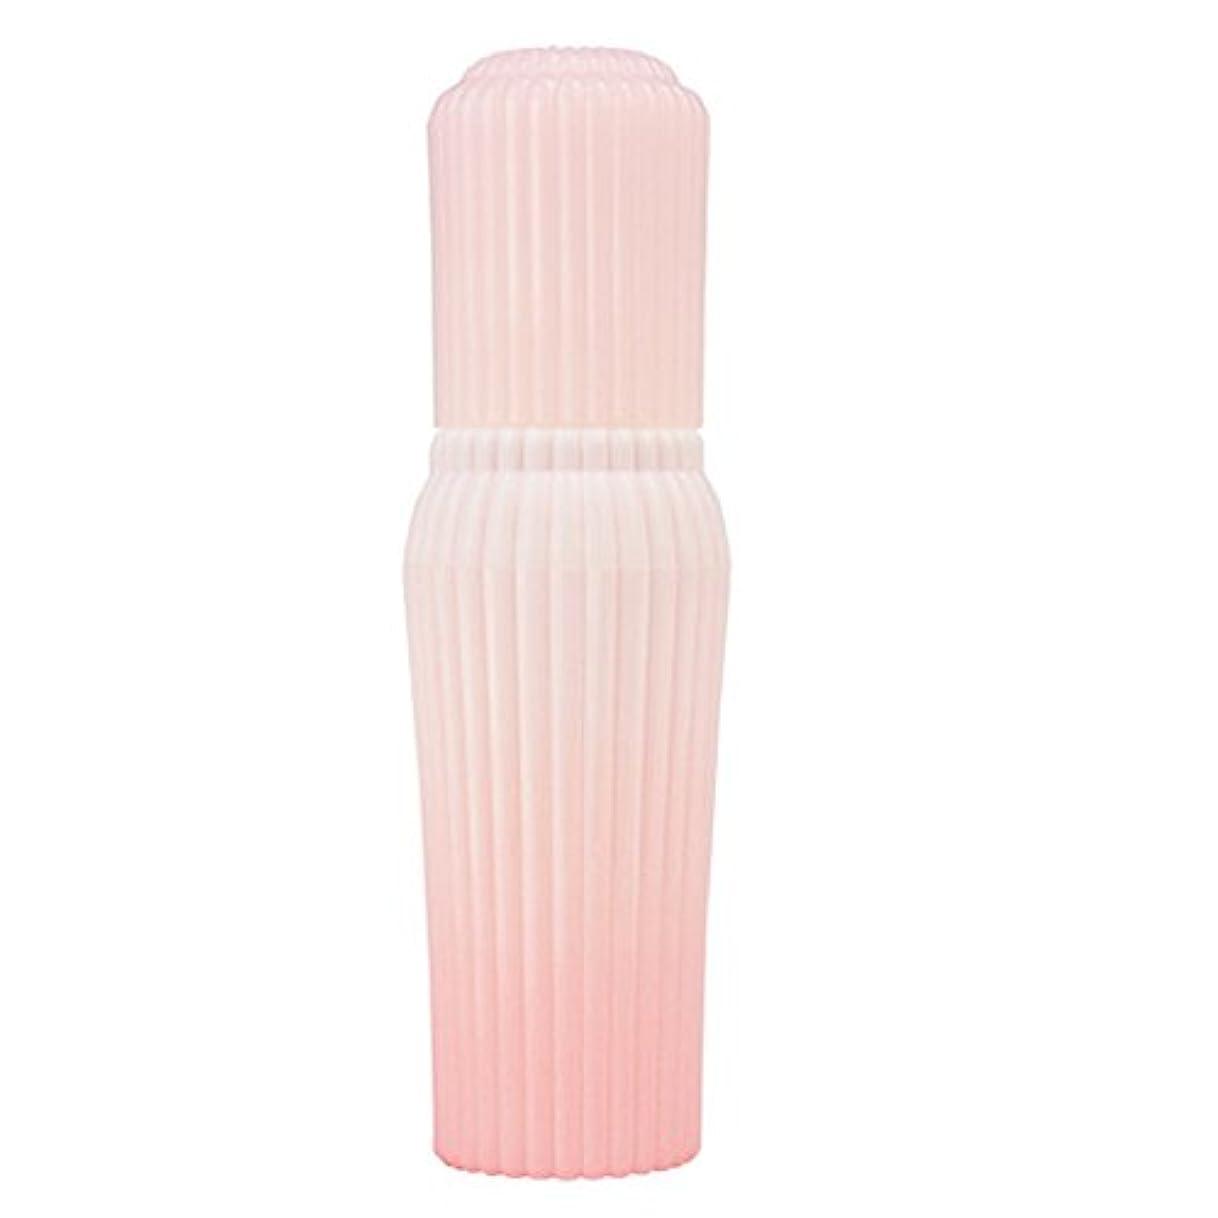 ひいきにするタービンマインドアユーラ (AYURA) fサインディフェンス リペアランスナイトチャージ (医薬部外品) 30g 〈敏感肌用 保湿クリーム〉